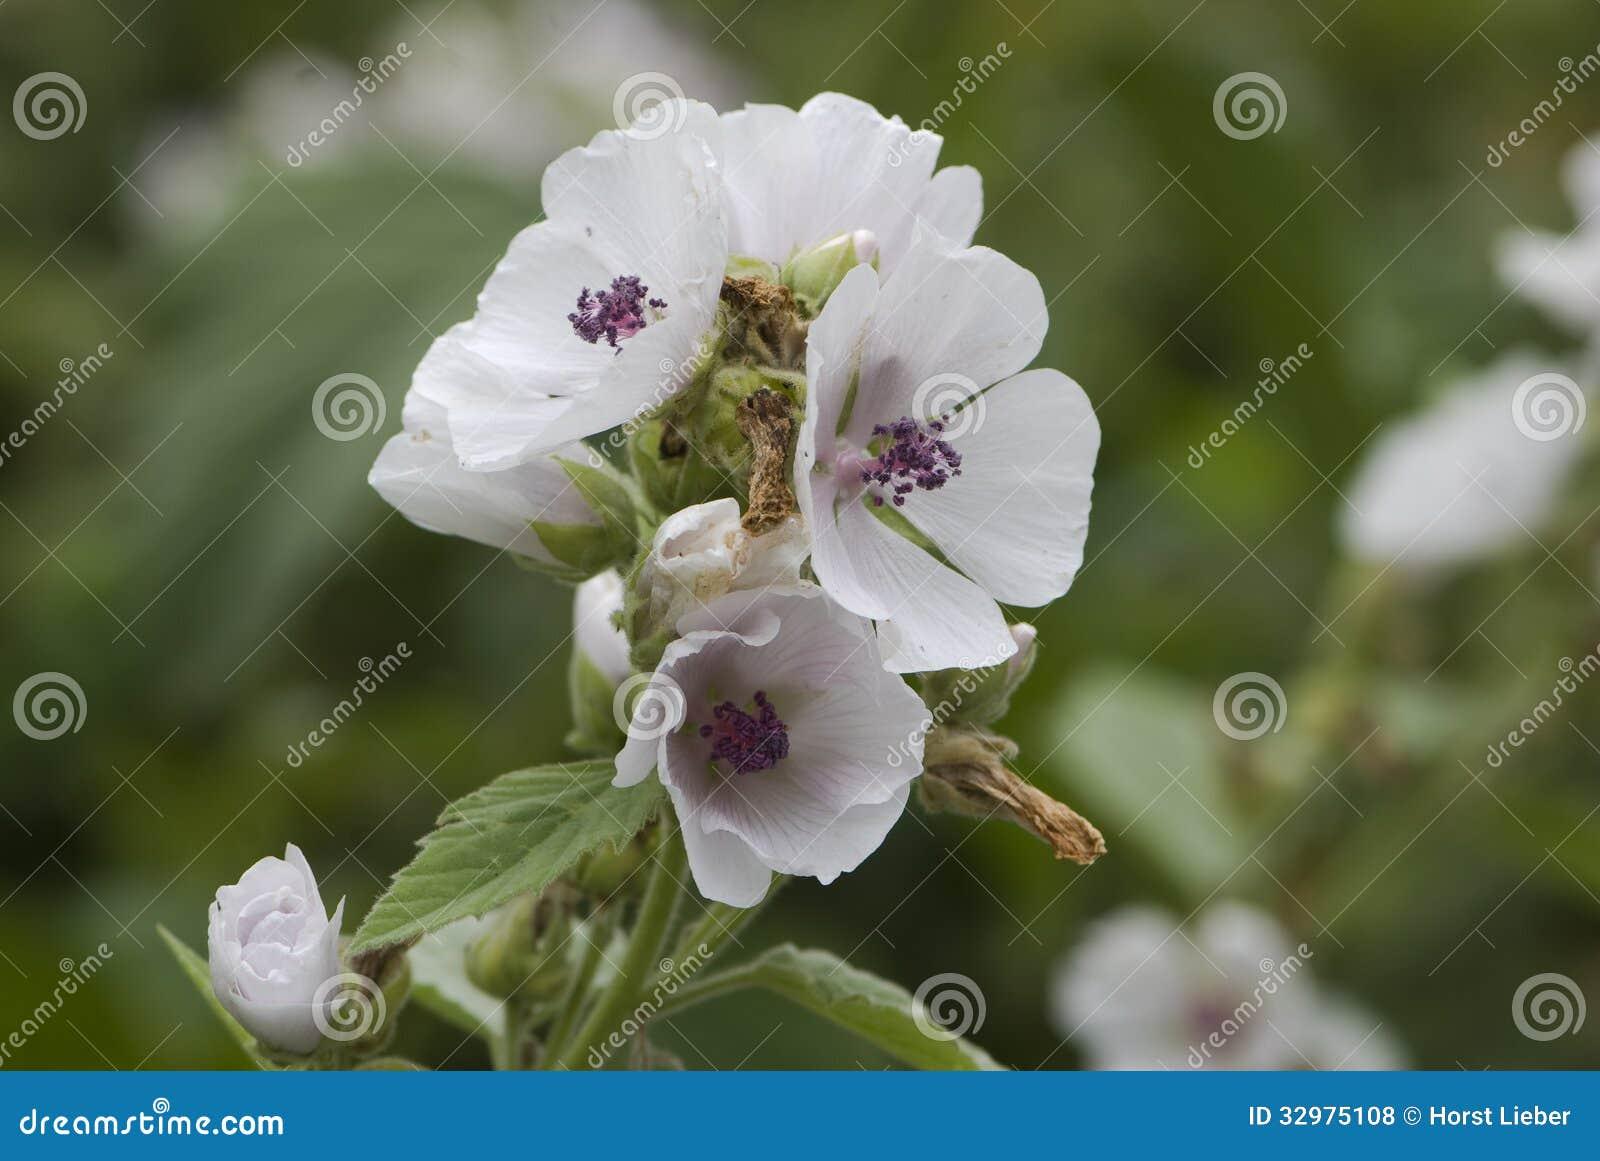 Malva de pantano (officinalis) del althaea 06